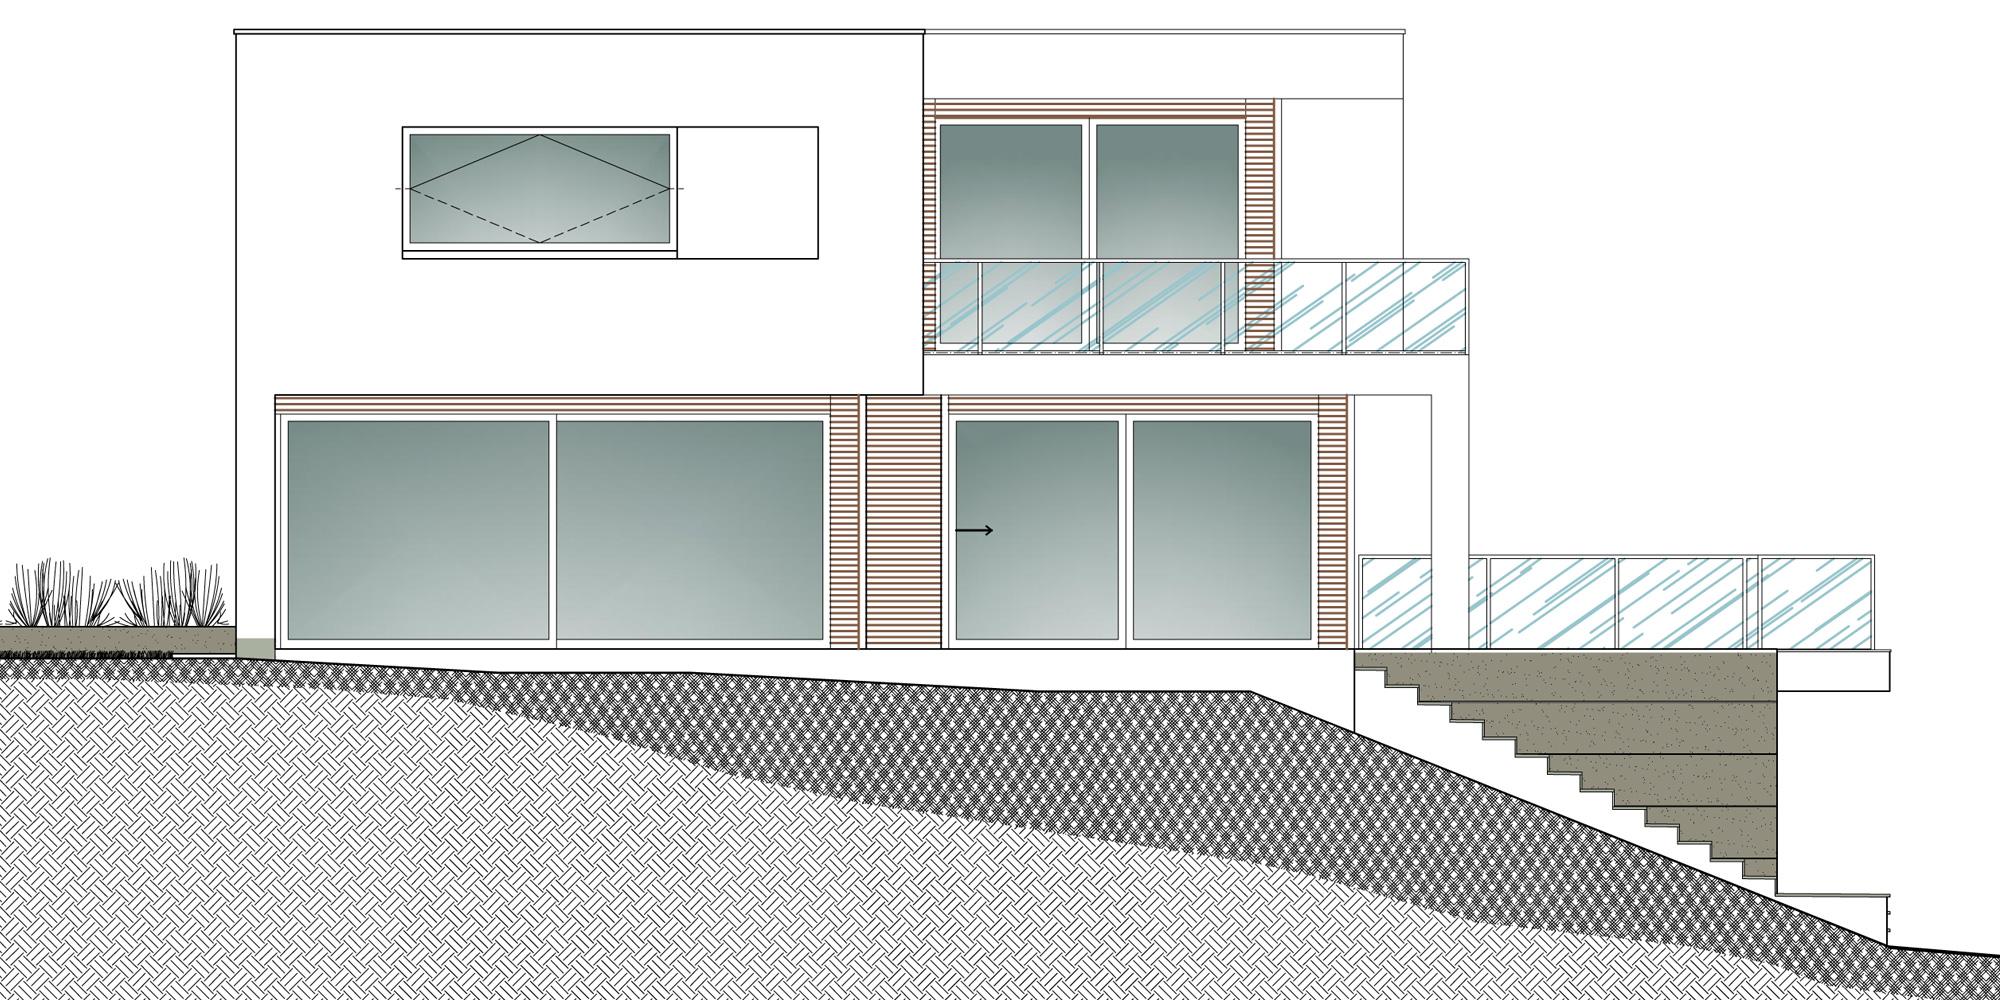 Prospetto sud-ovest © Damilanostudio Architects